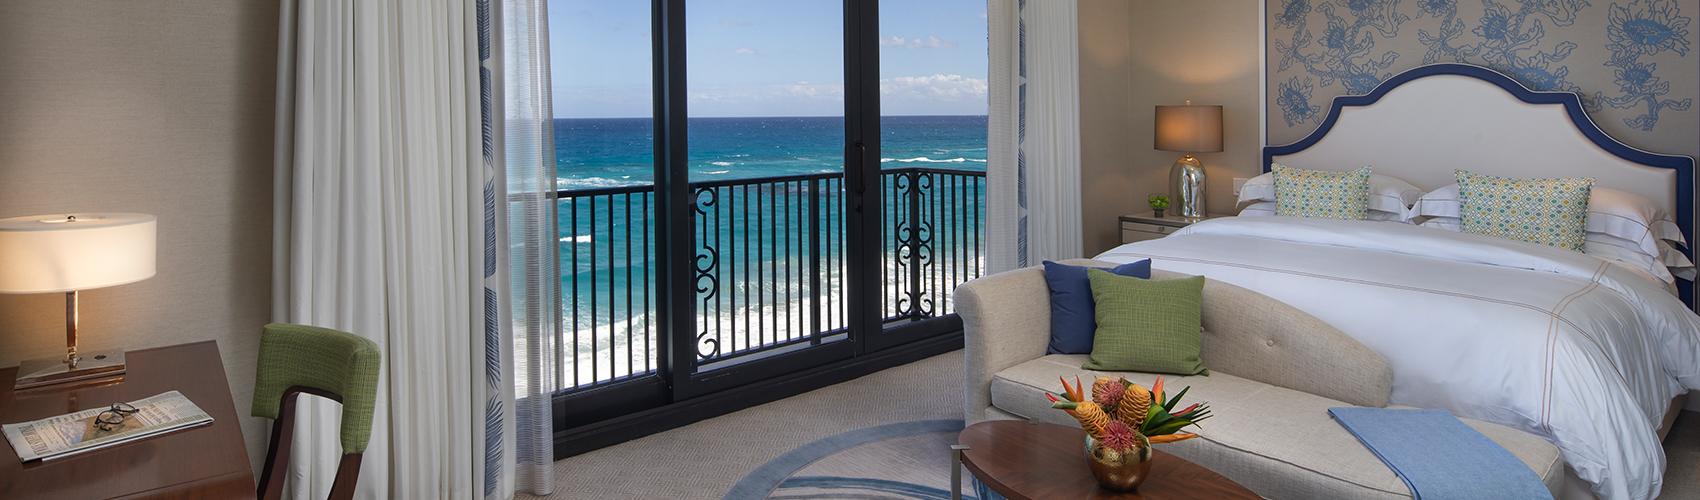 Atlantic Suite bedroom